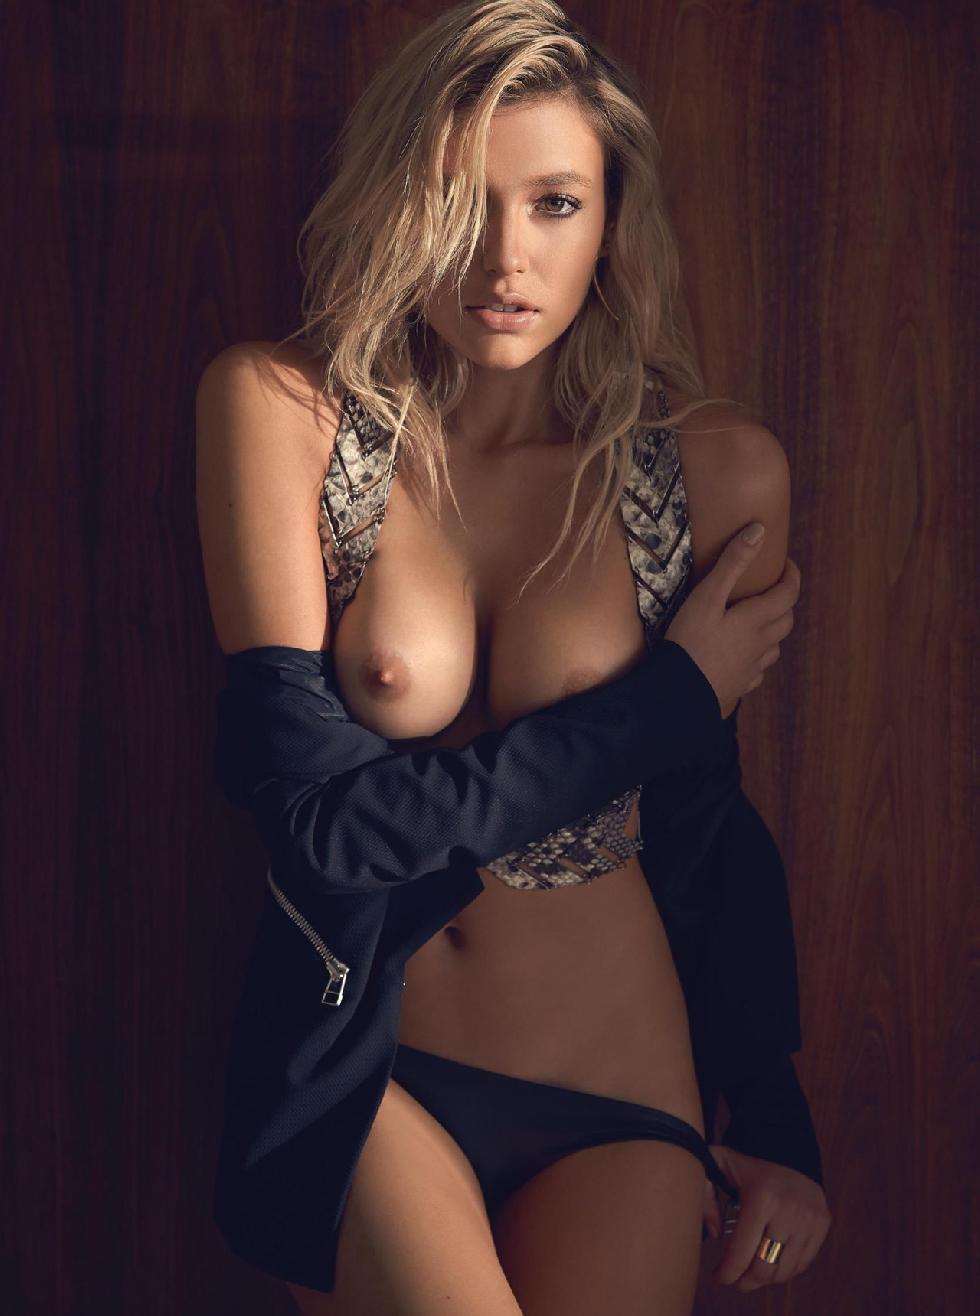 Weekly erotic picdump - 47/2017 - 71